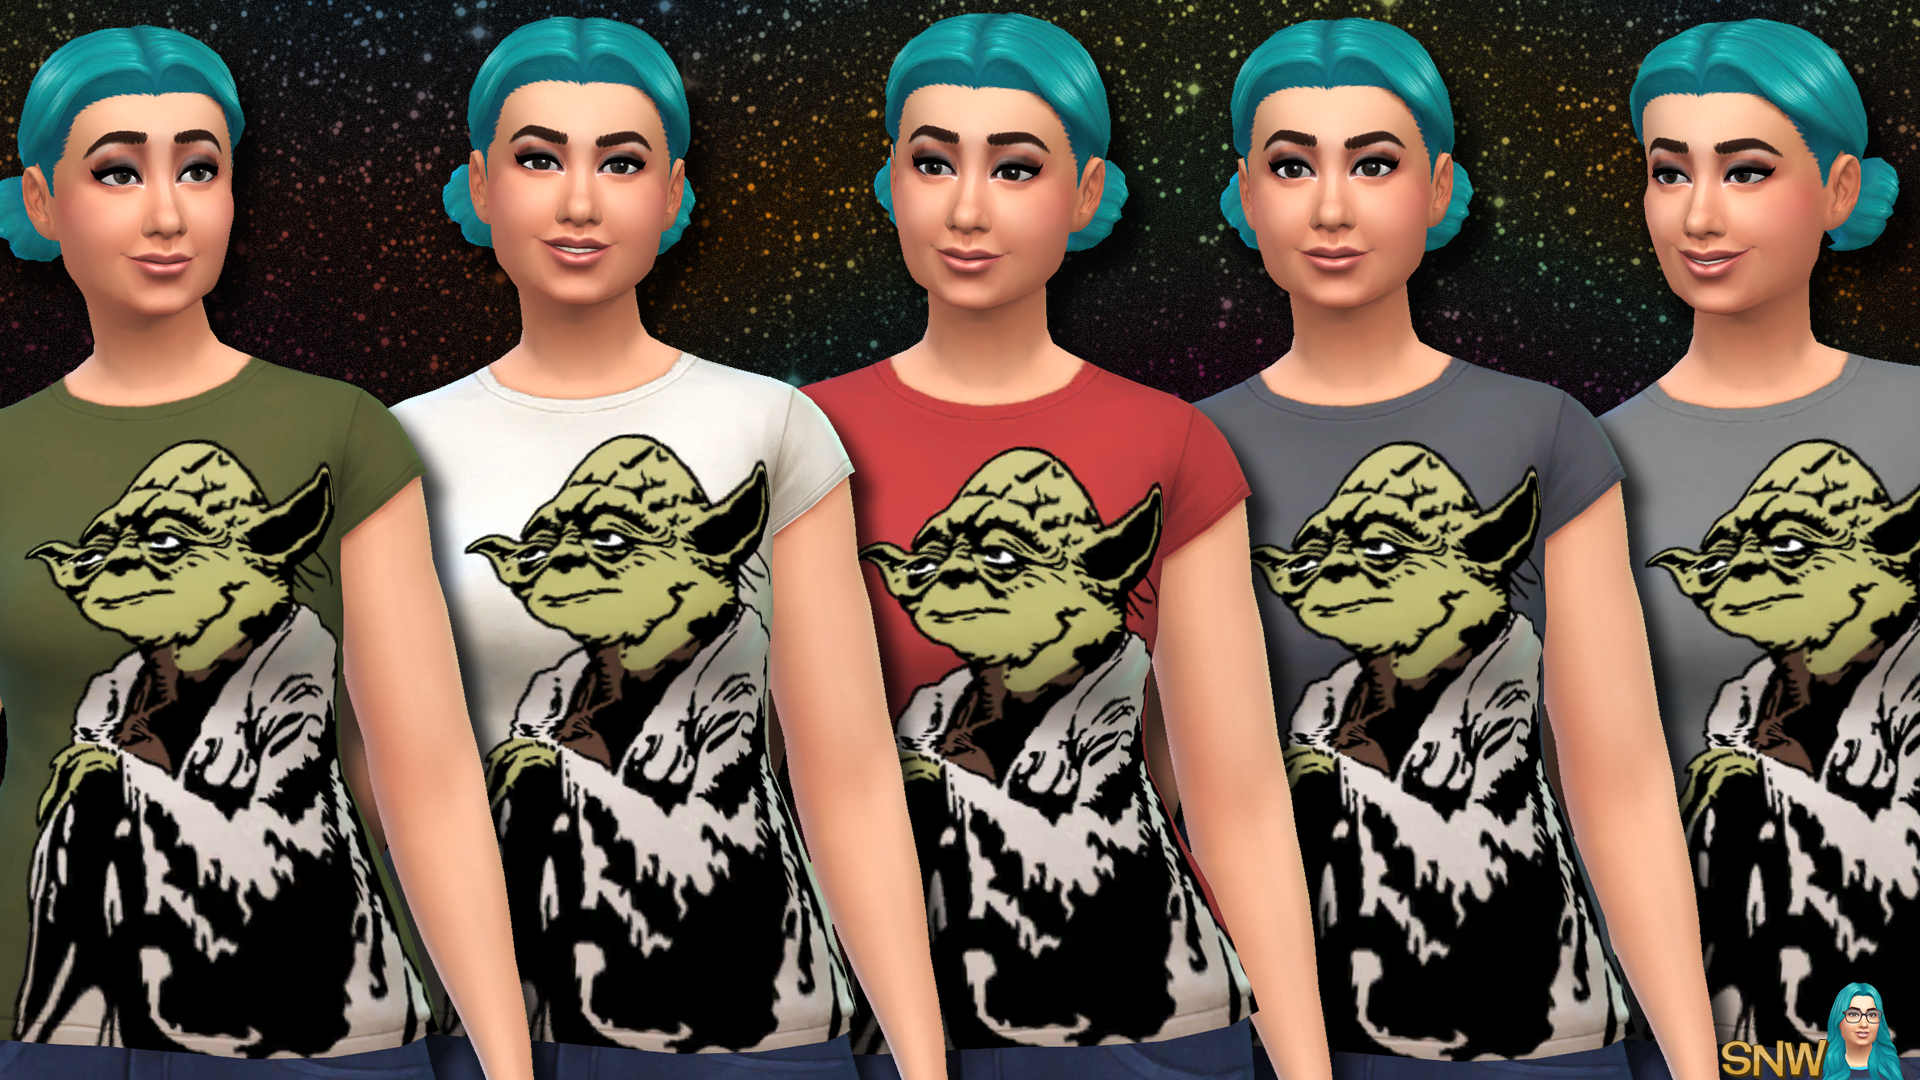 Star Wars Yoda Shirts for Women